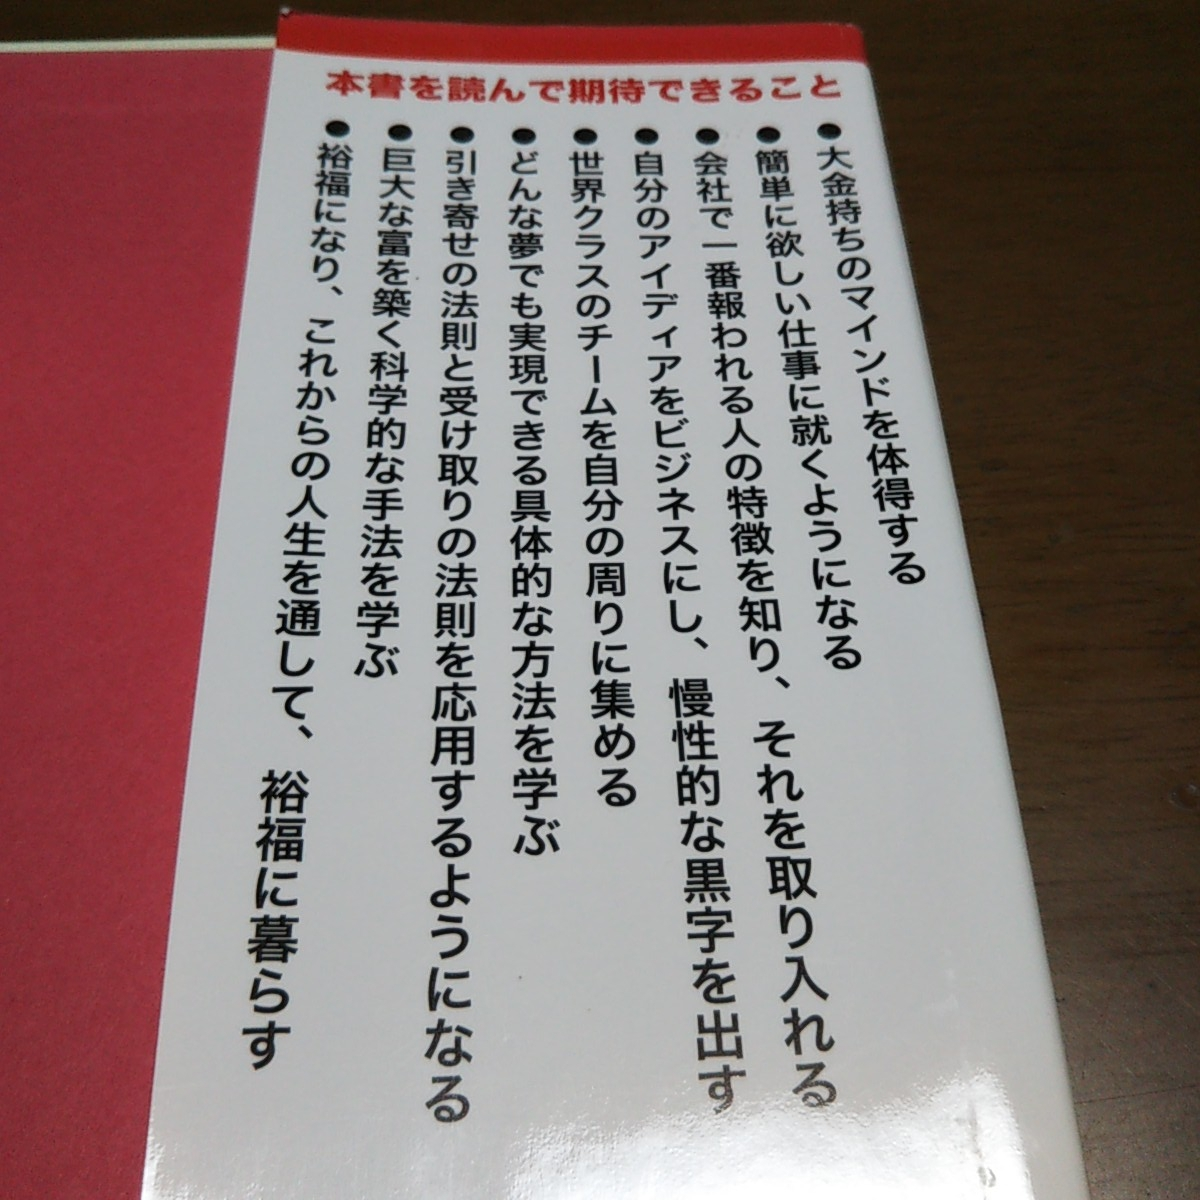 【即決】お金の科学 ジェームス・スキナー CD-ROM付 フォレスト出版 単行本_画像4